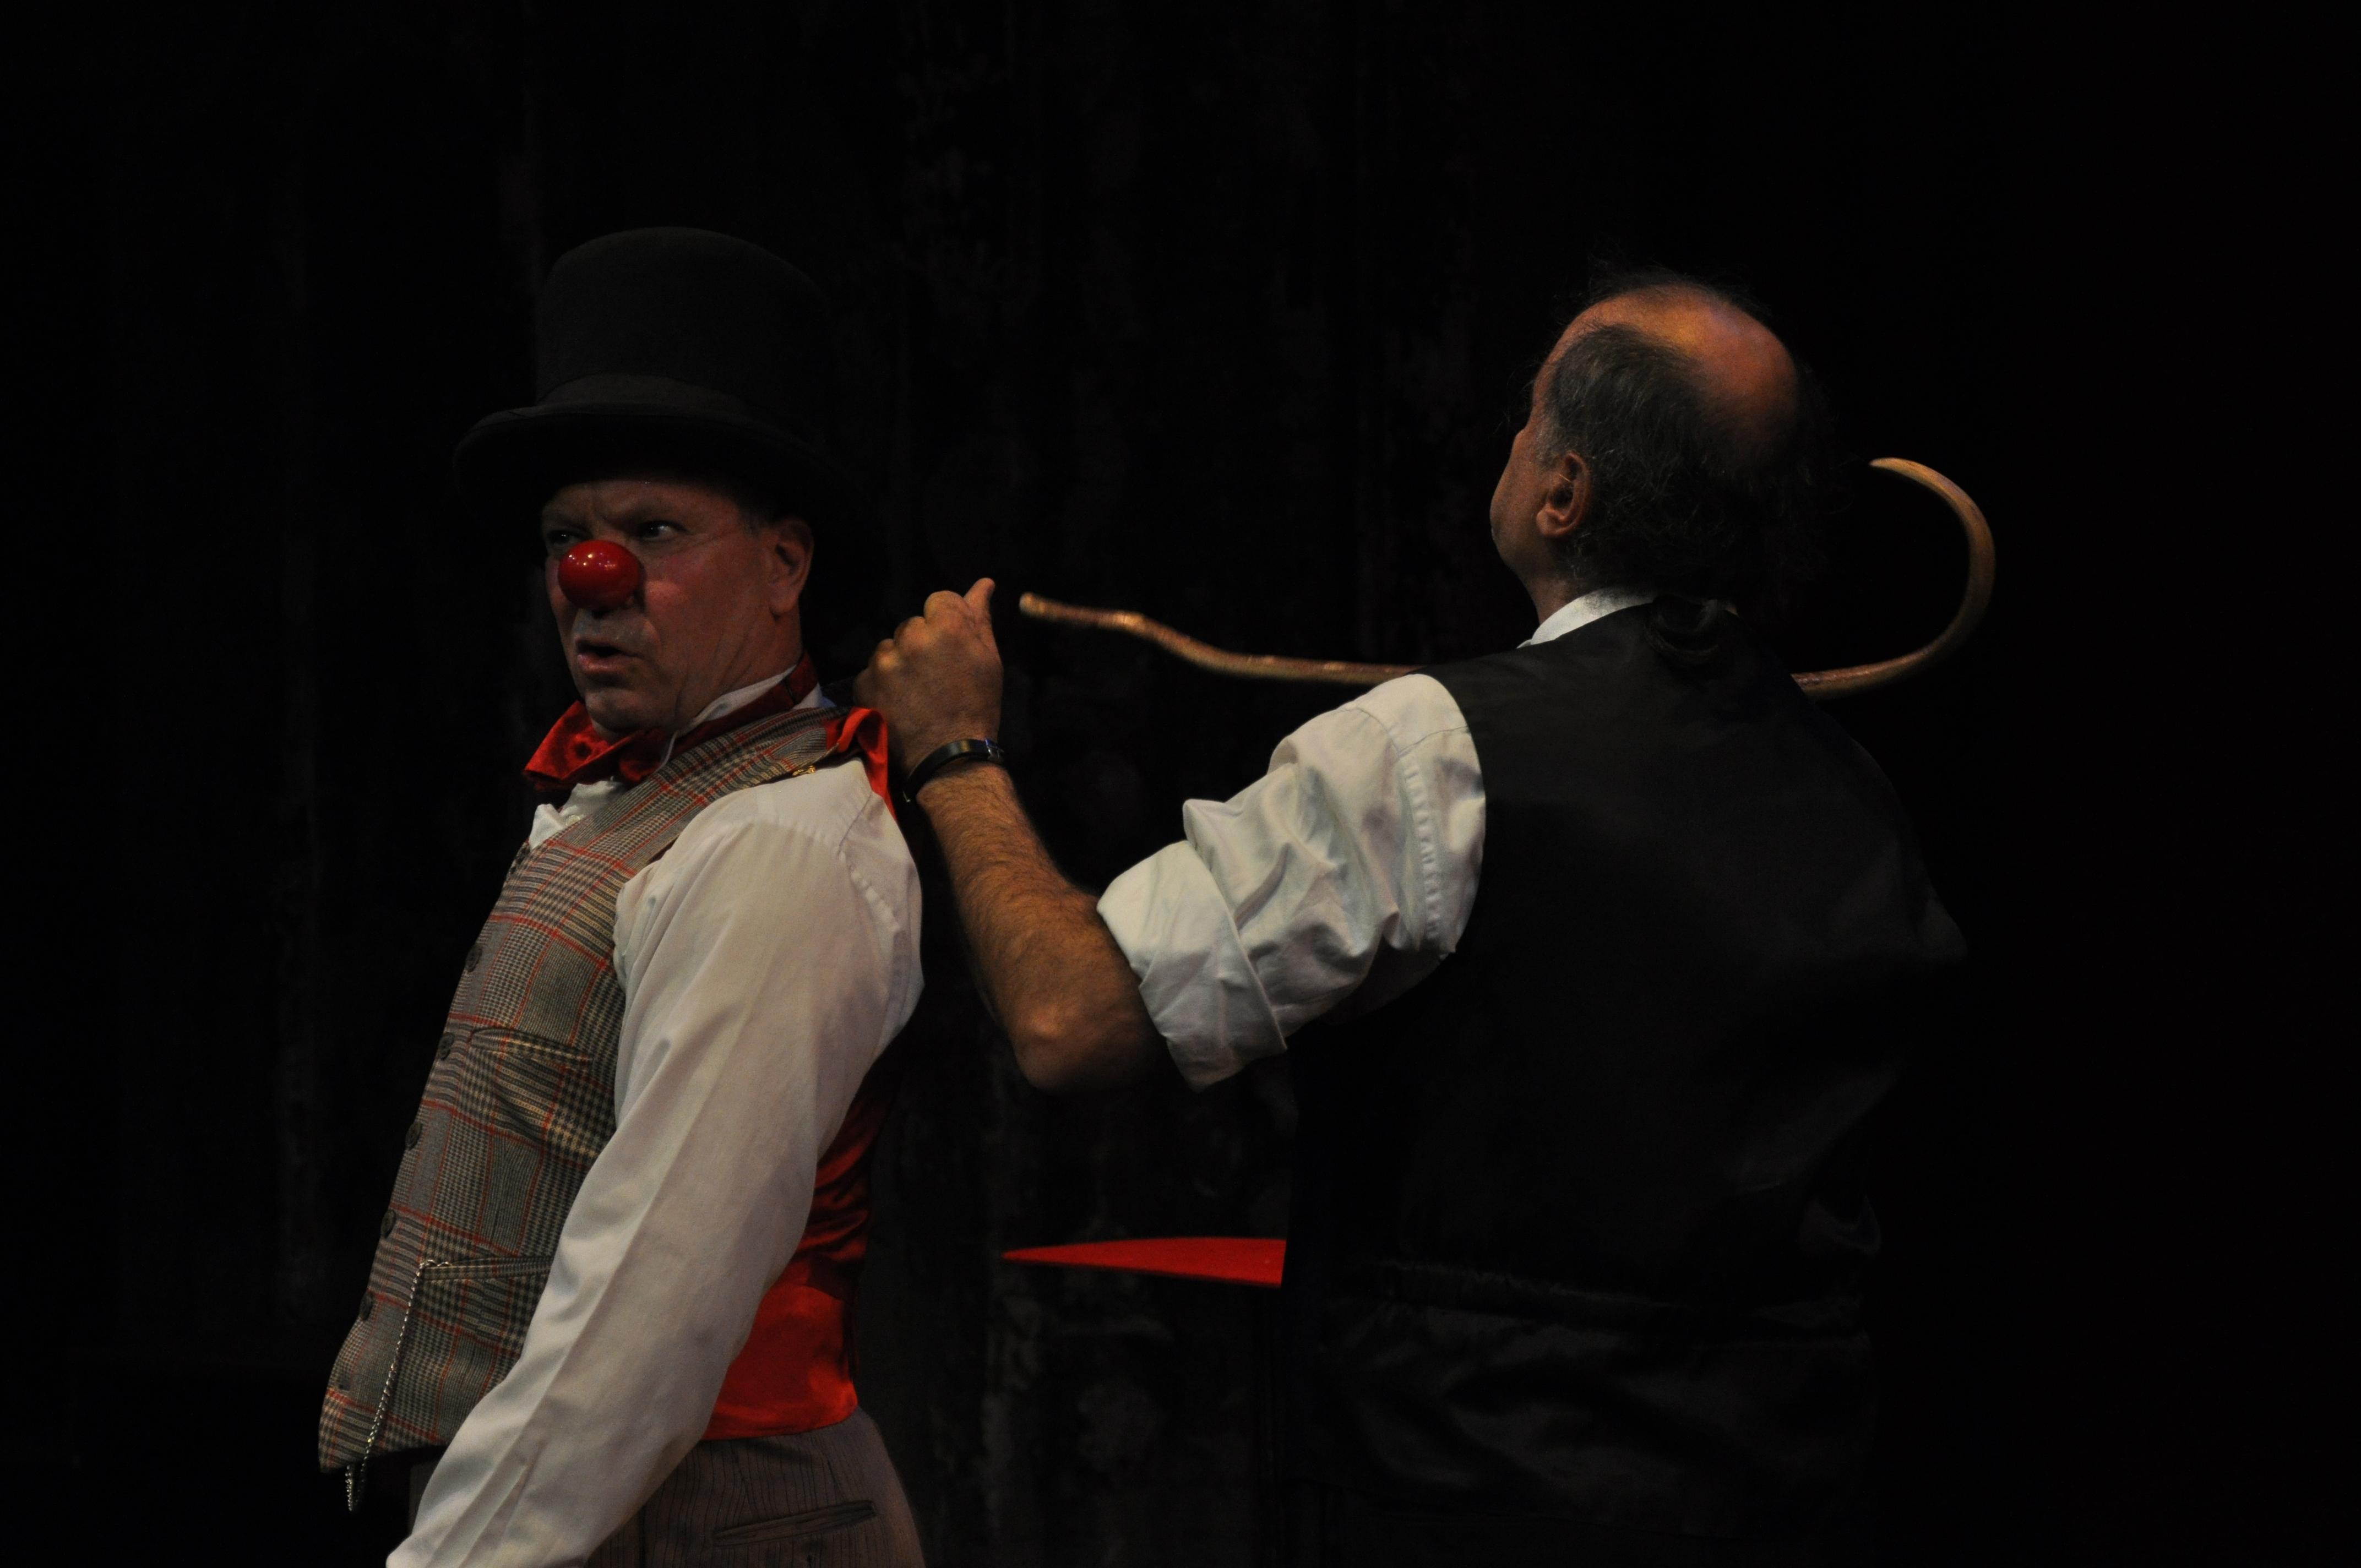 Arsene dragging Lloyd